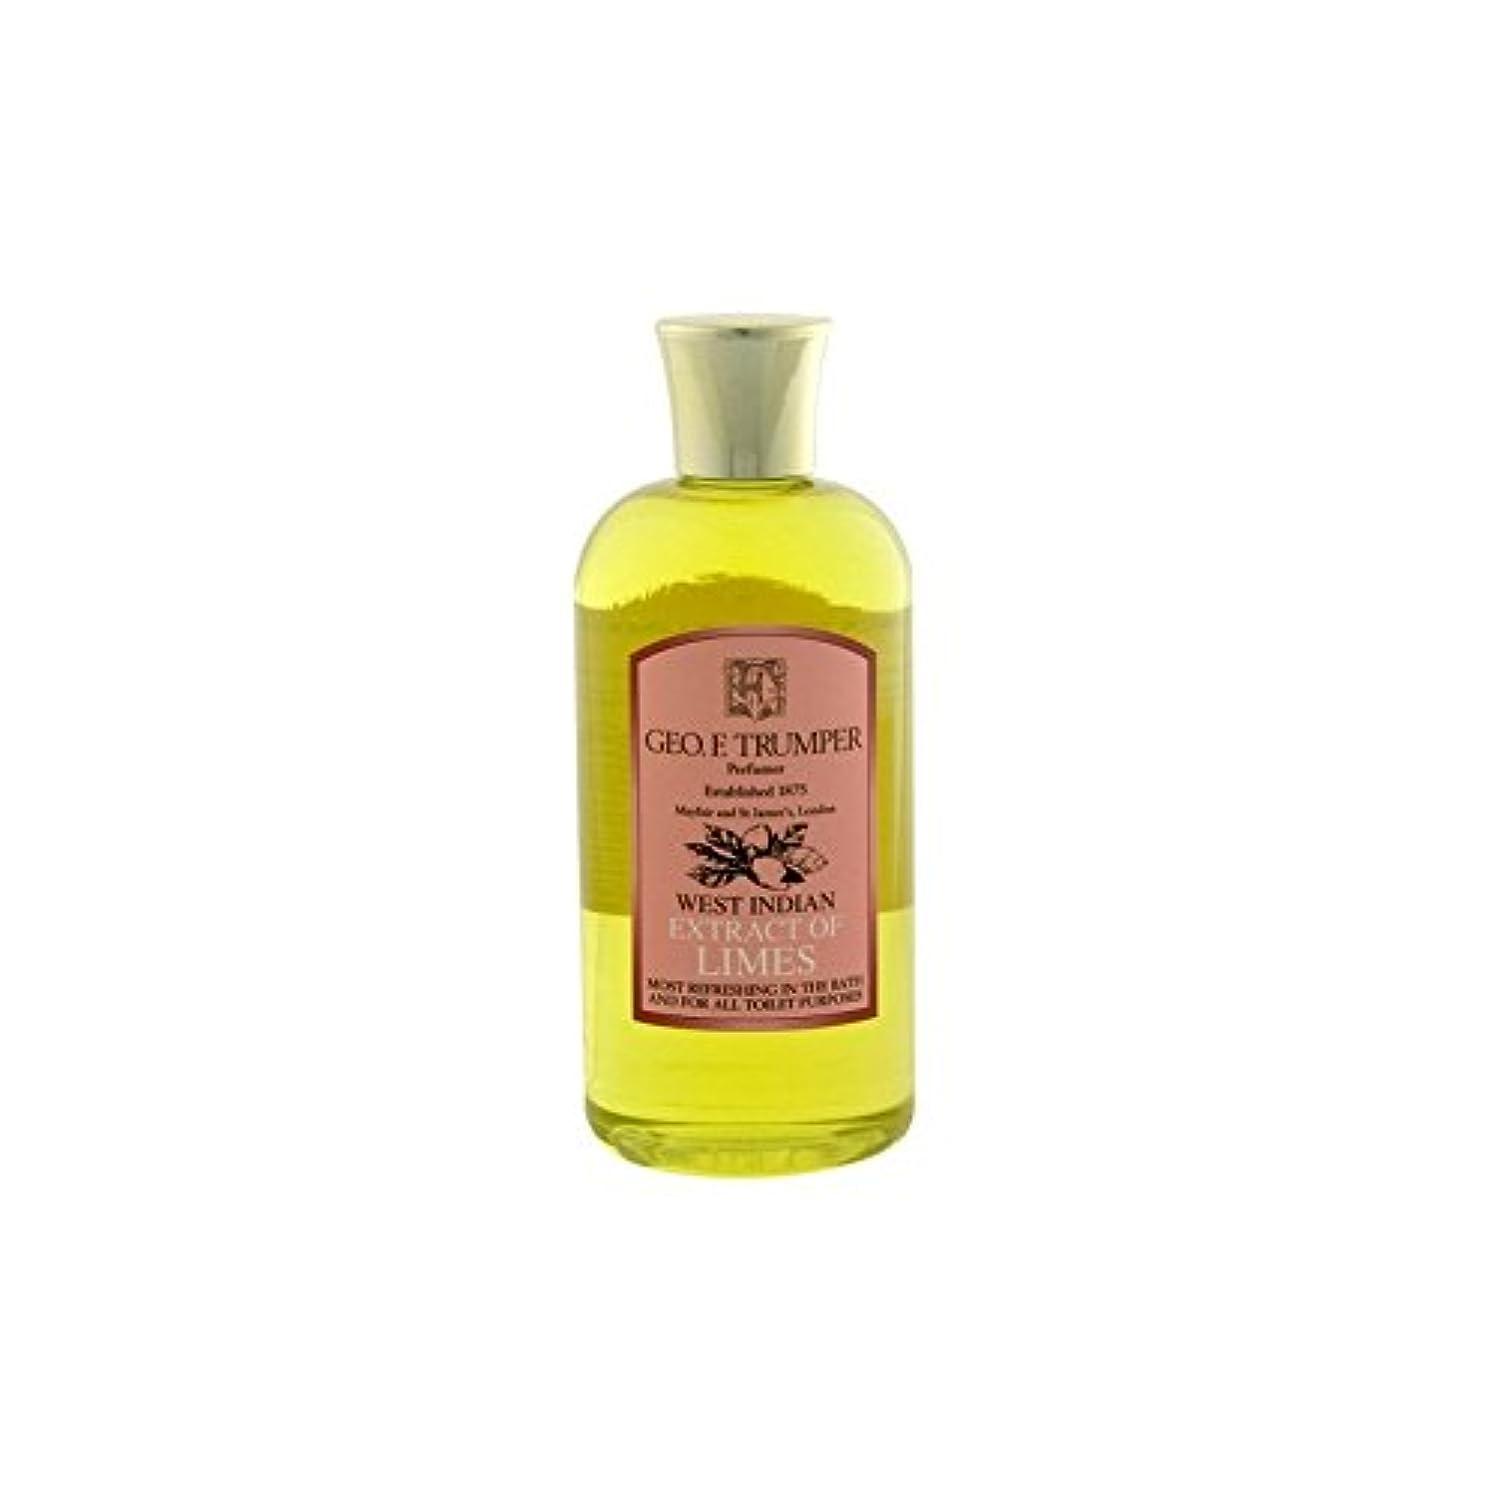 時代おっとワーディアンケースライムのバス&シャワージェル - 500ミリリットル旅 x2 - Trumpers Limes Bath & Shower Gel - 500ml Travel (Pack of 2) [並行輸入品]